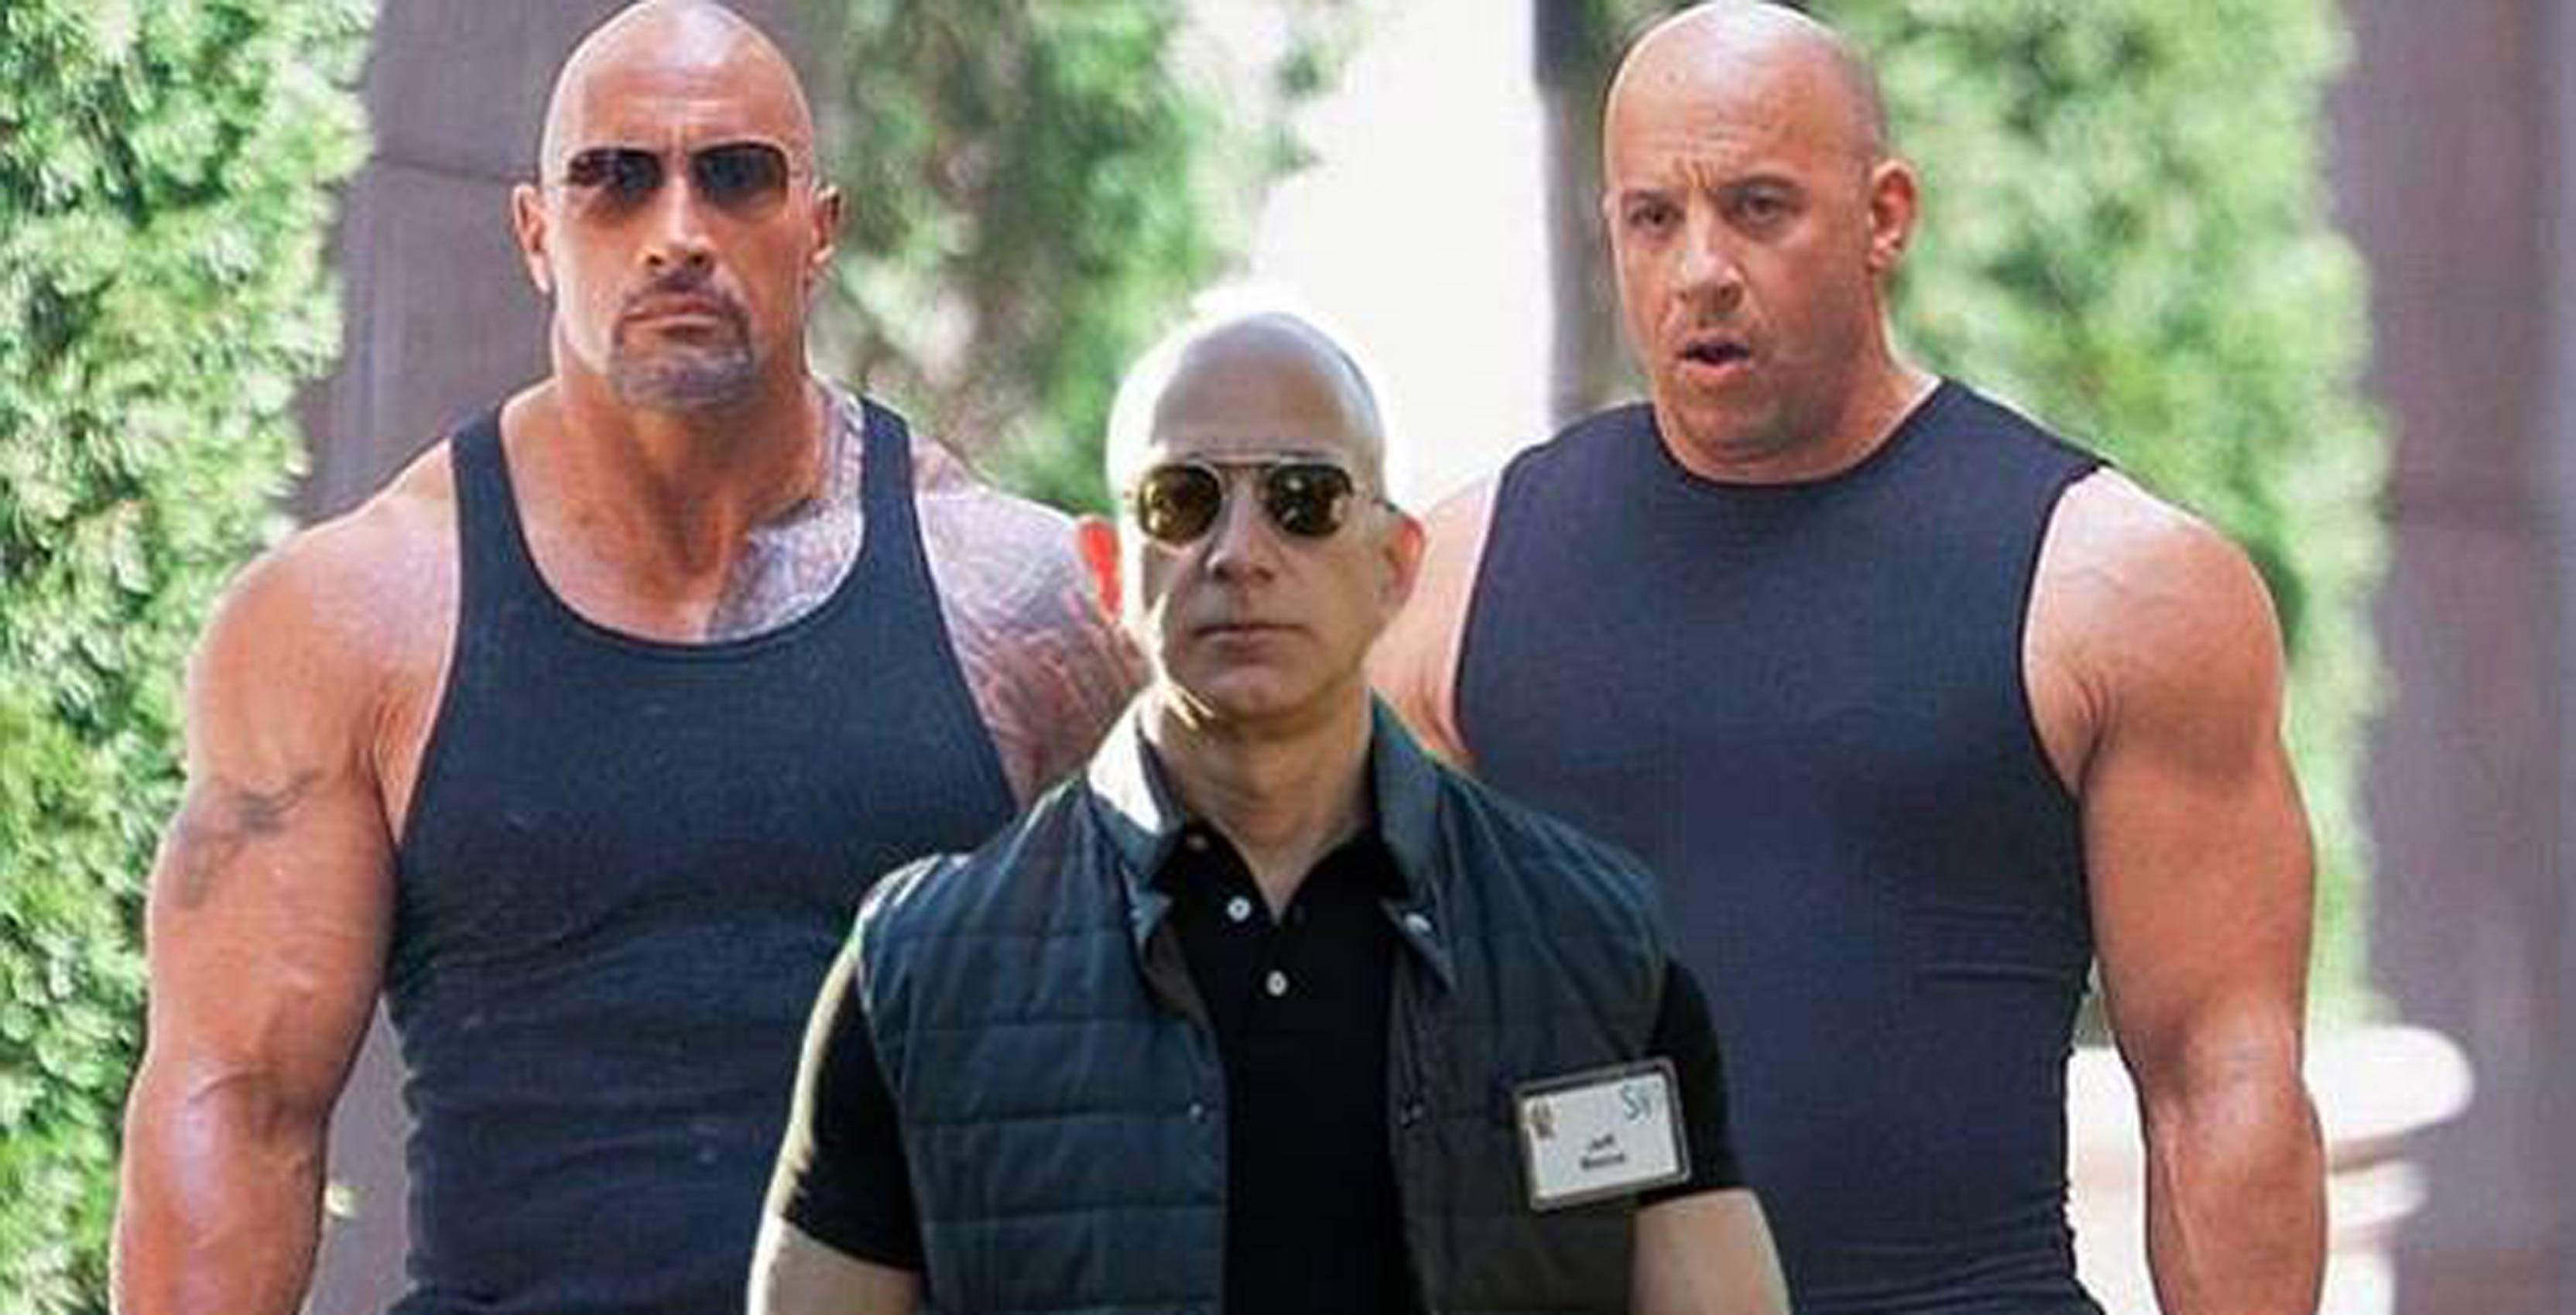 Swole Jeff Bezos